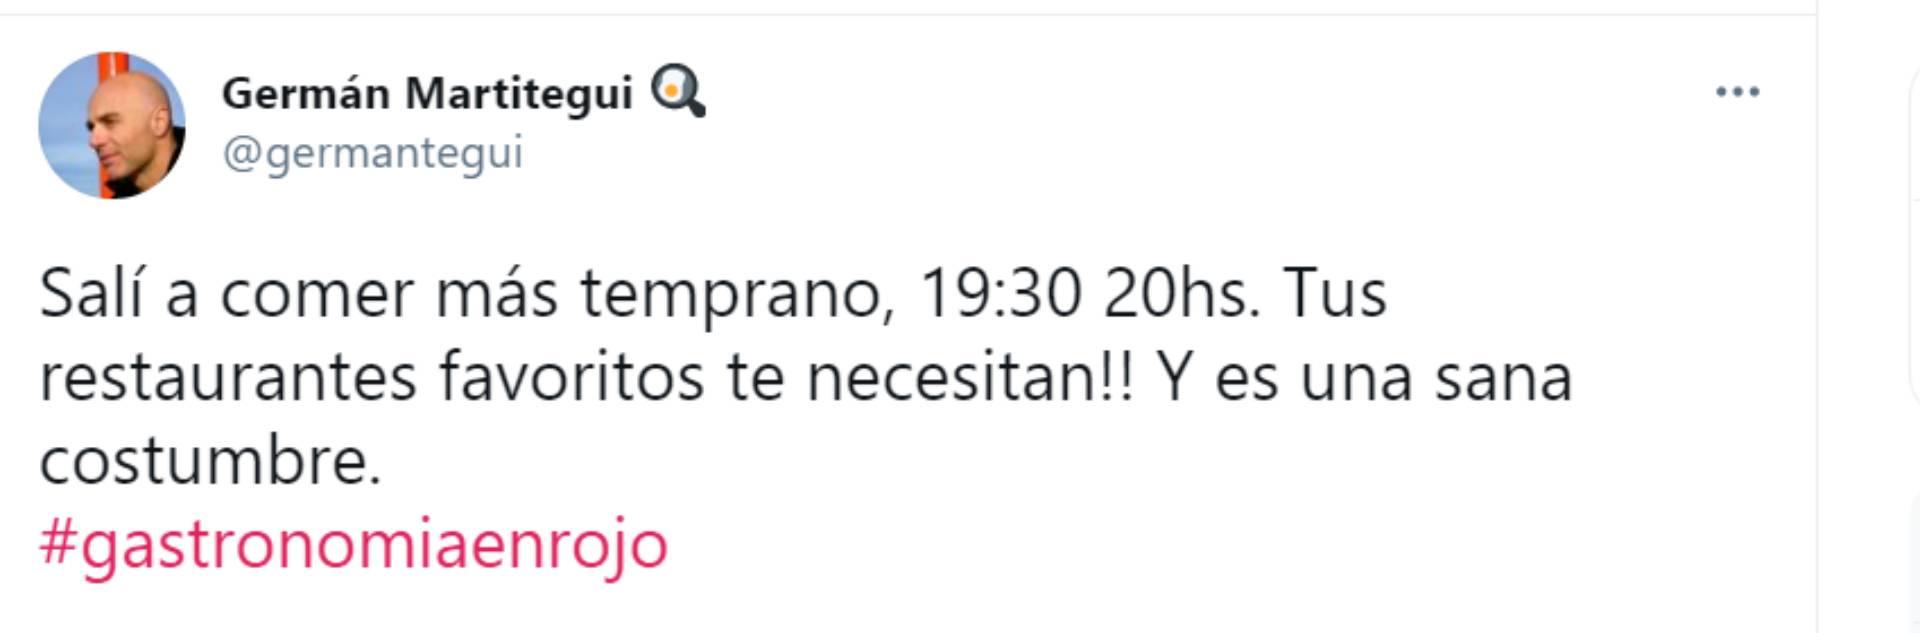 El mensaje de Martitegui en Twitter